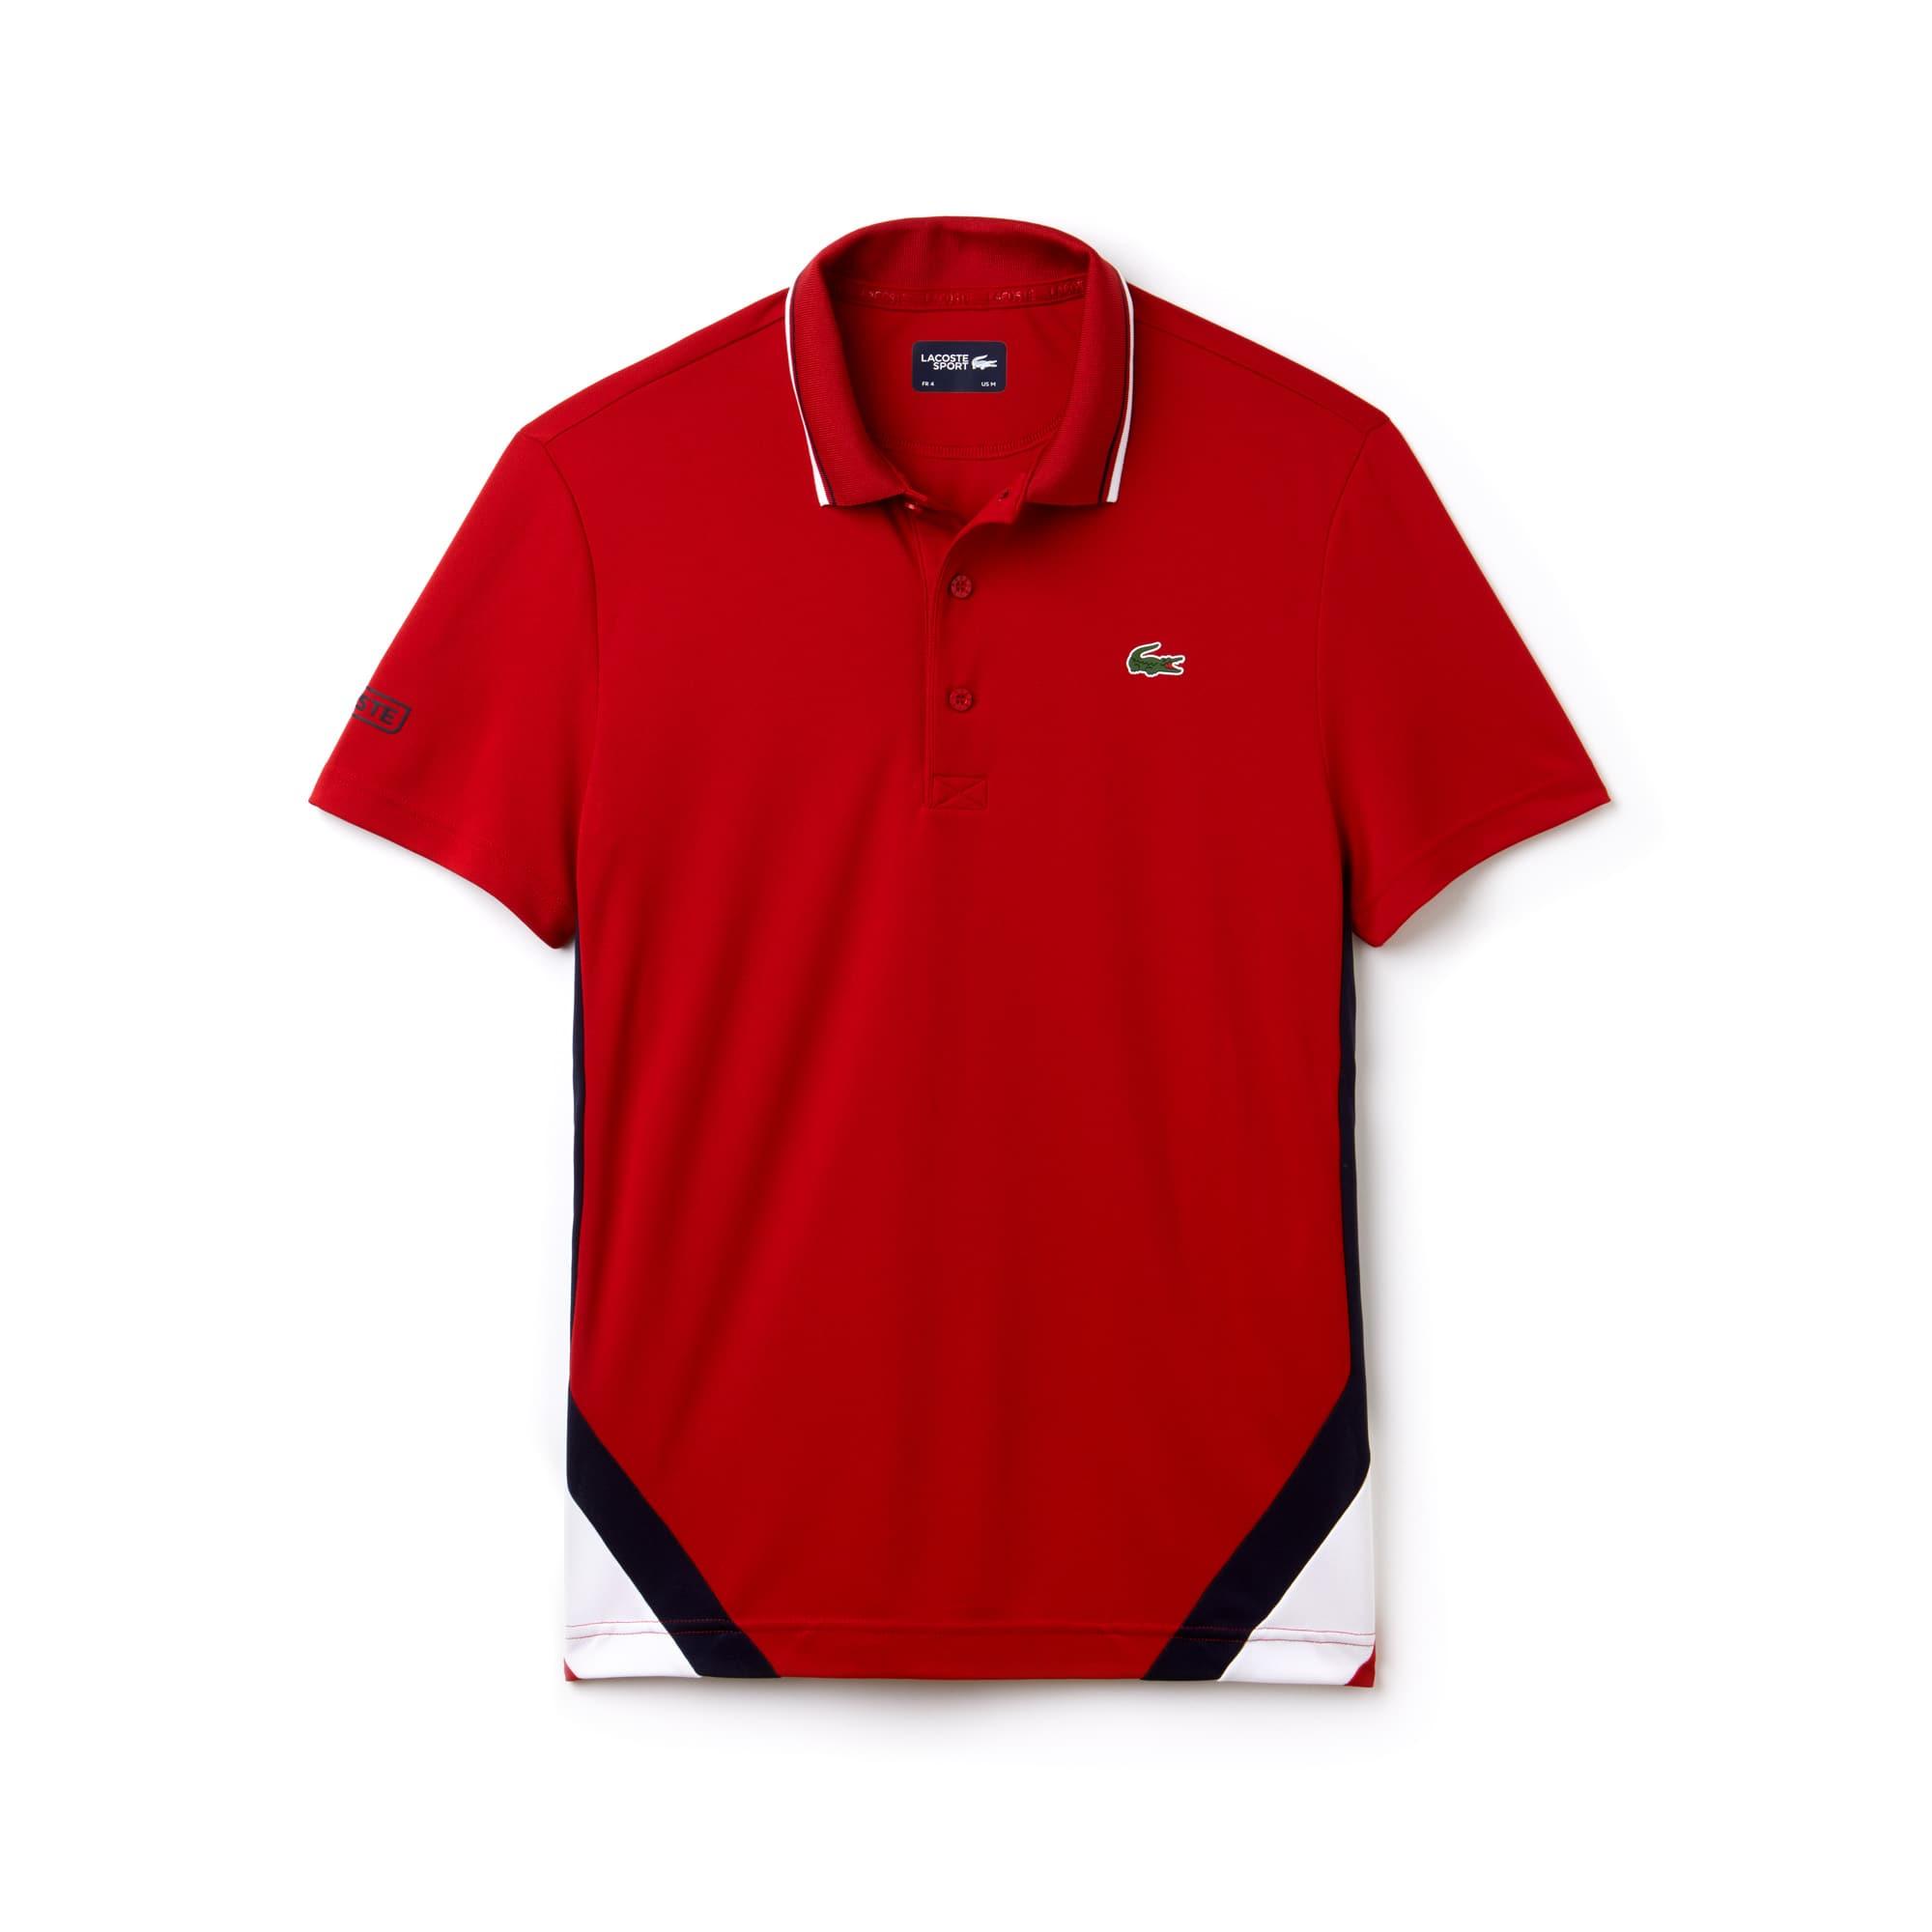 라코스테 Lacoste Mens SPORT Colorblock Bands Technical Pique Tennis Polo,lighthouse red/white-navy